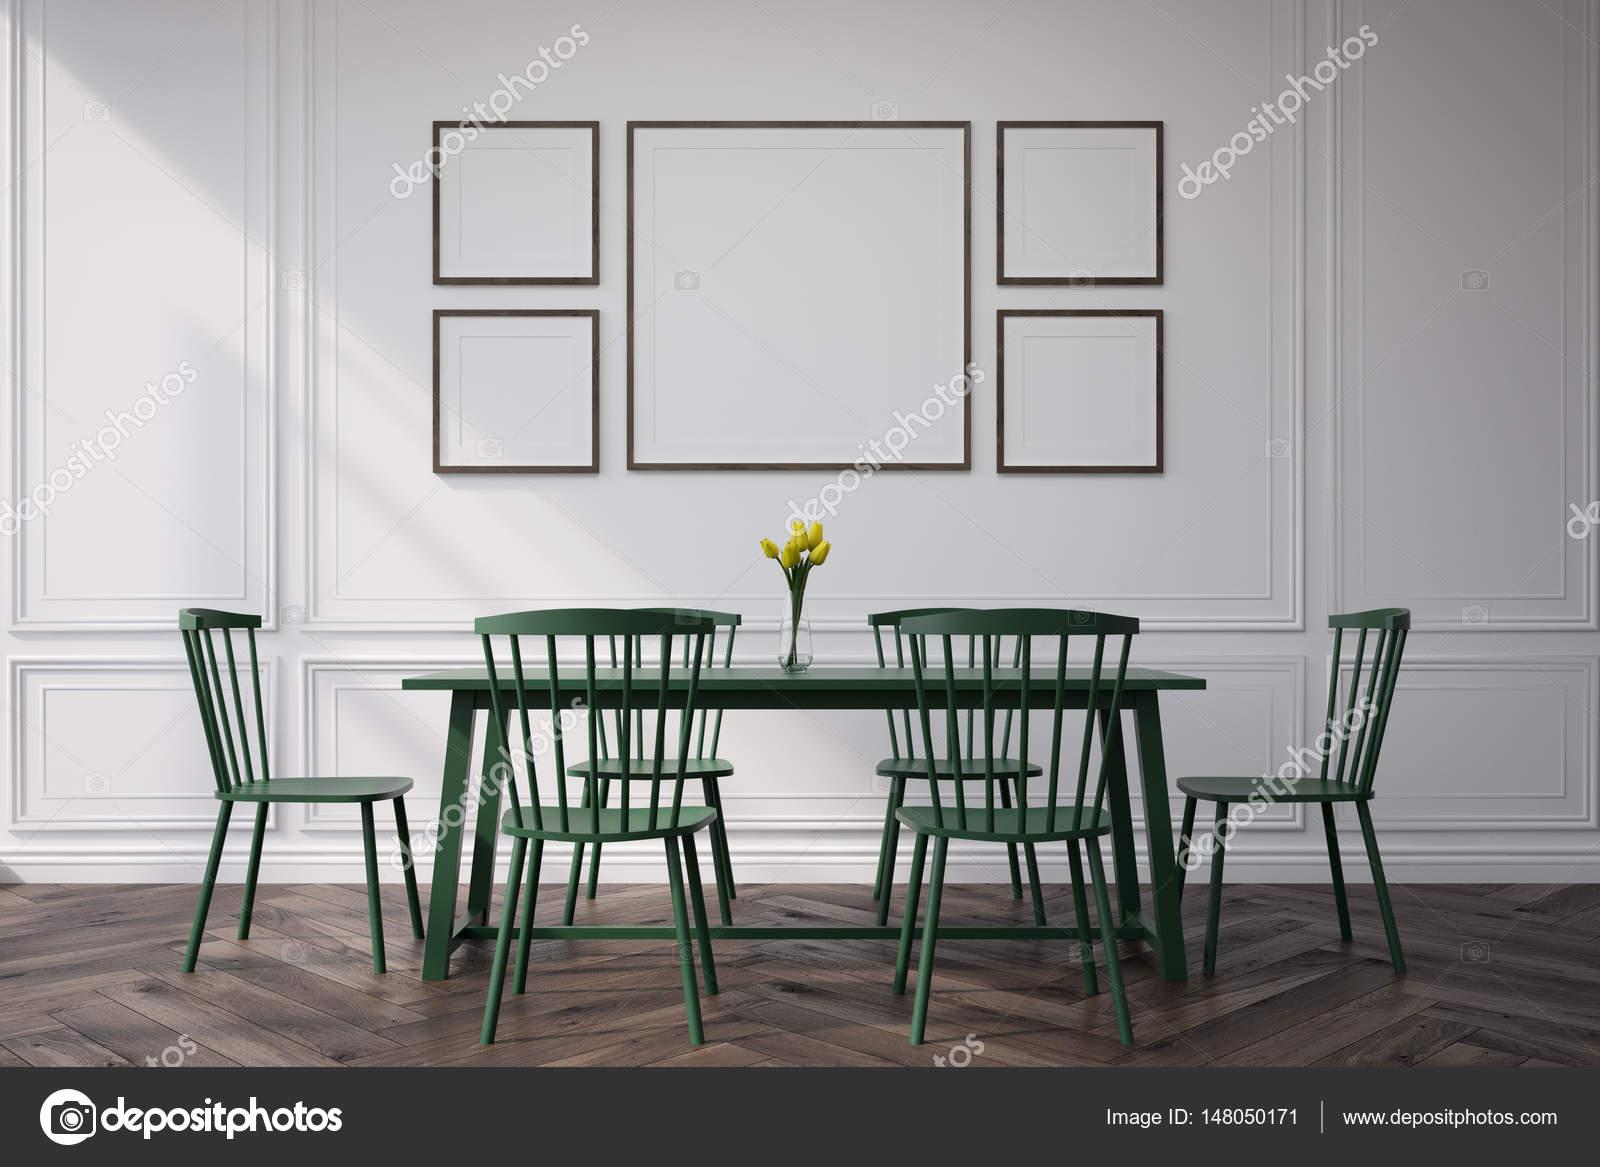 Esszimmer mit gerahmten Bildern — Stockfoto © denisismagilov #148050171